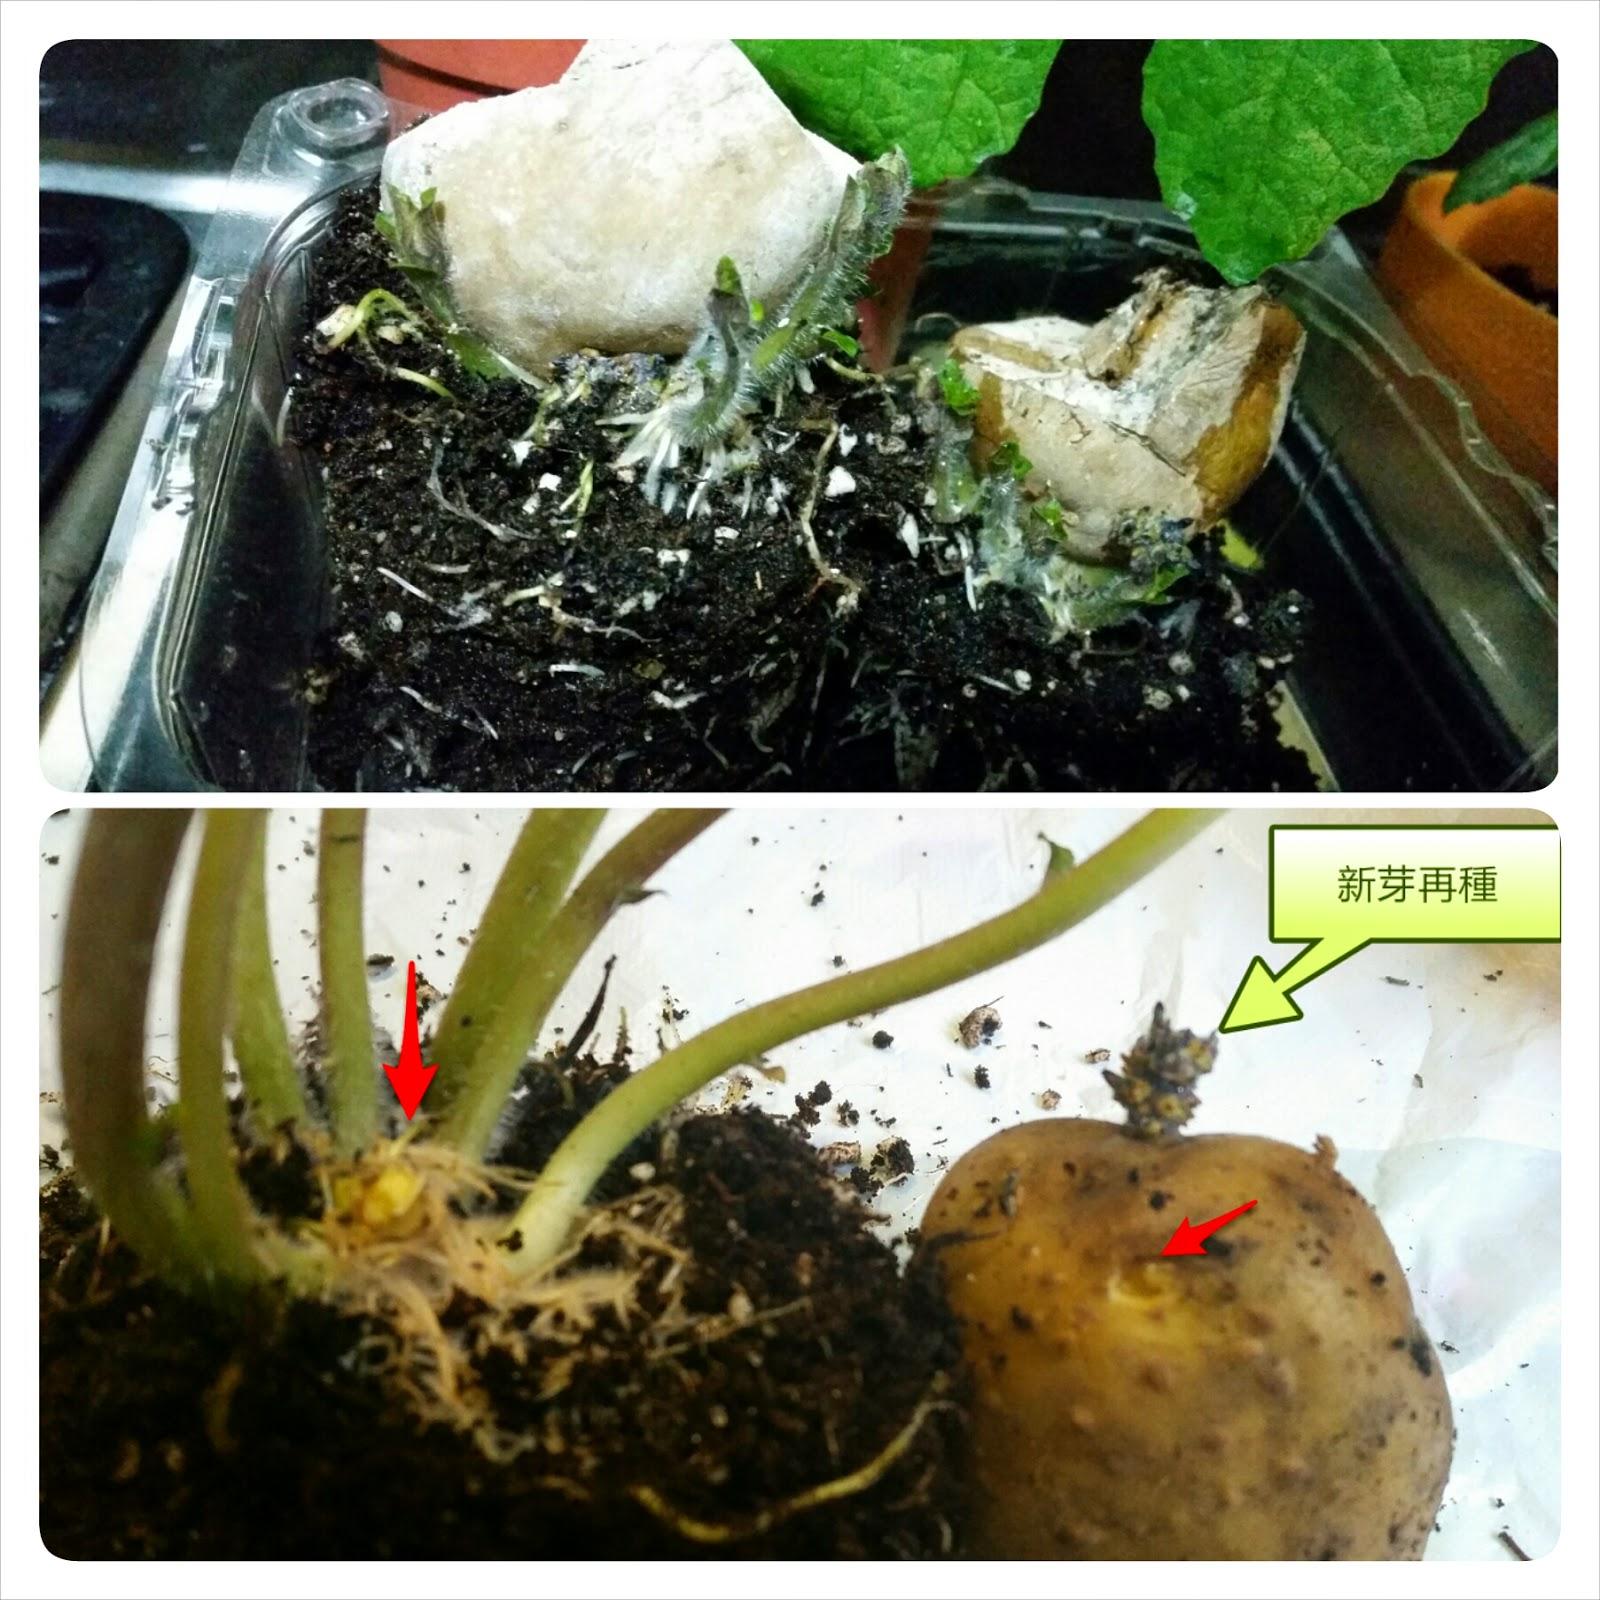 金美雜記: 薯仔種植